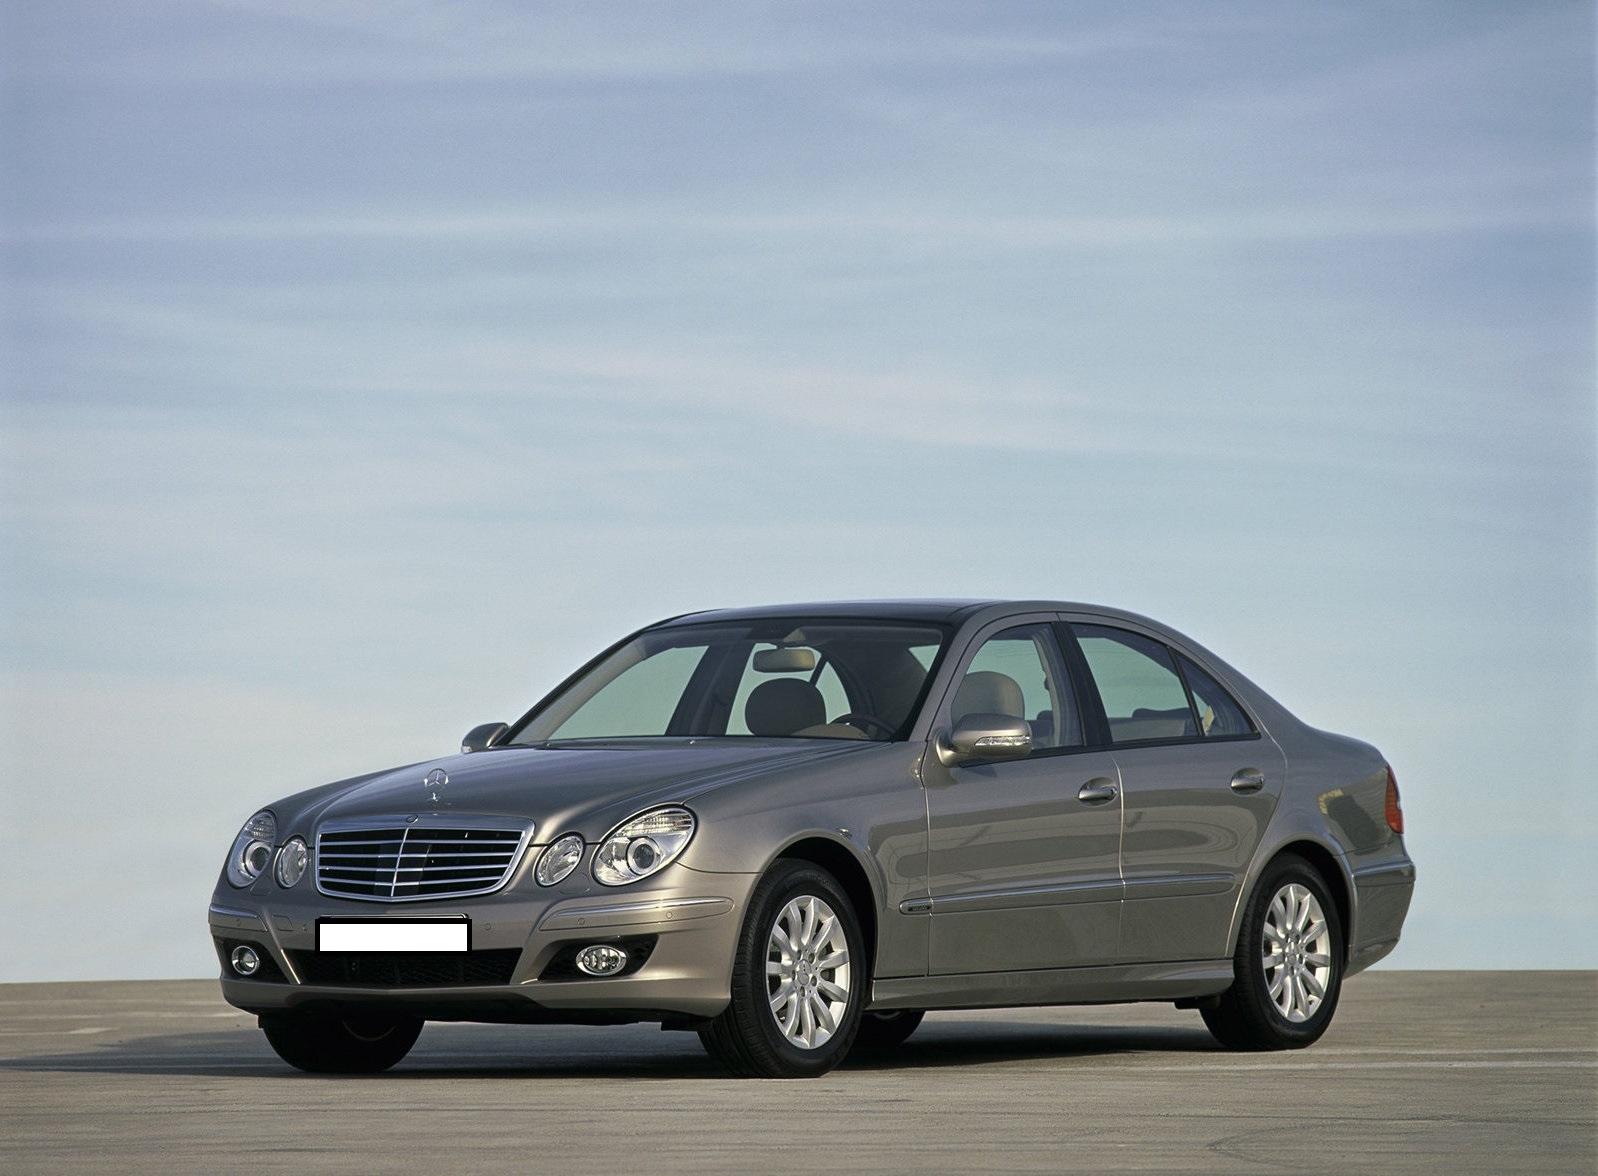 Rent a car mercedes e class car rental mercedes e class for Mercedes benz rental car